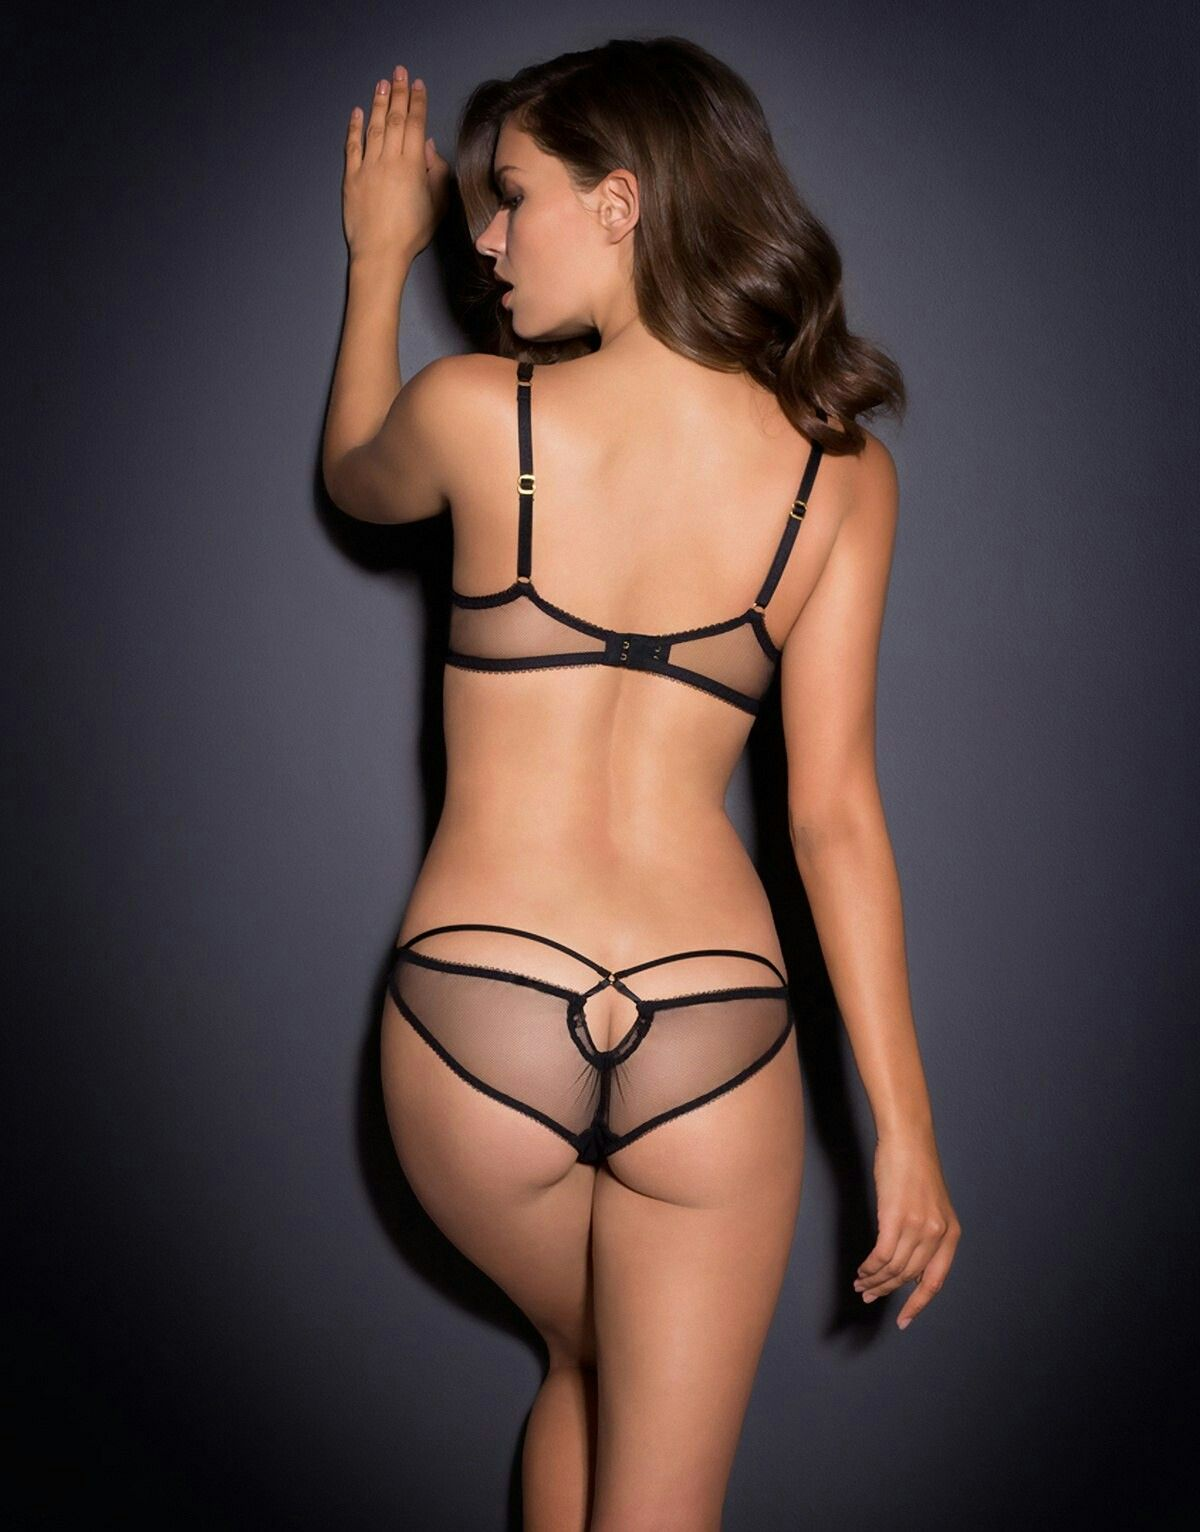 Bikini german model